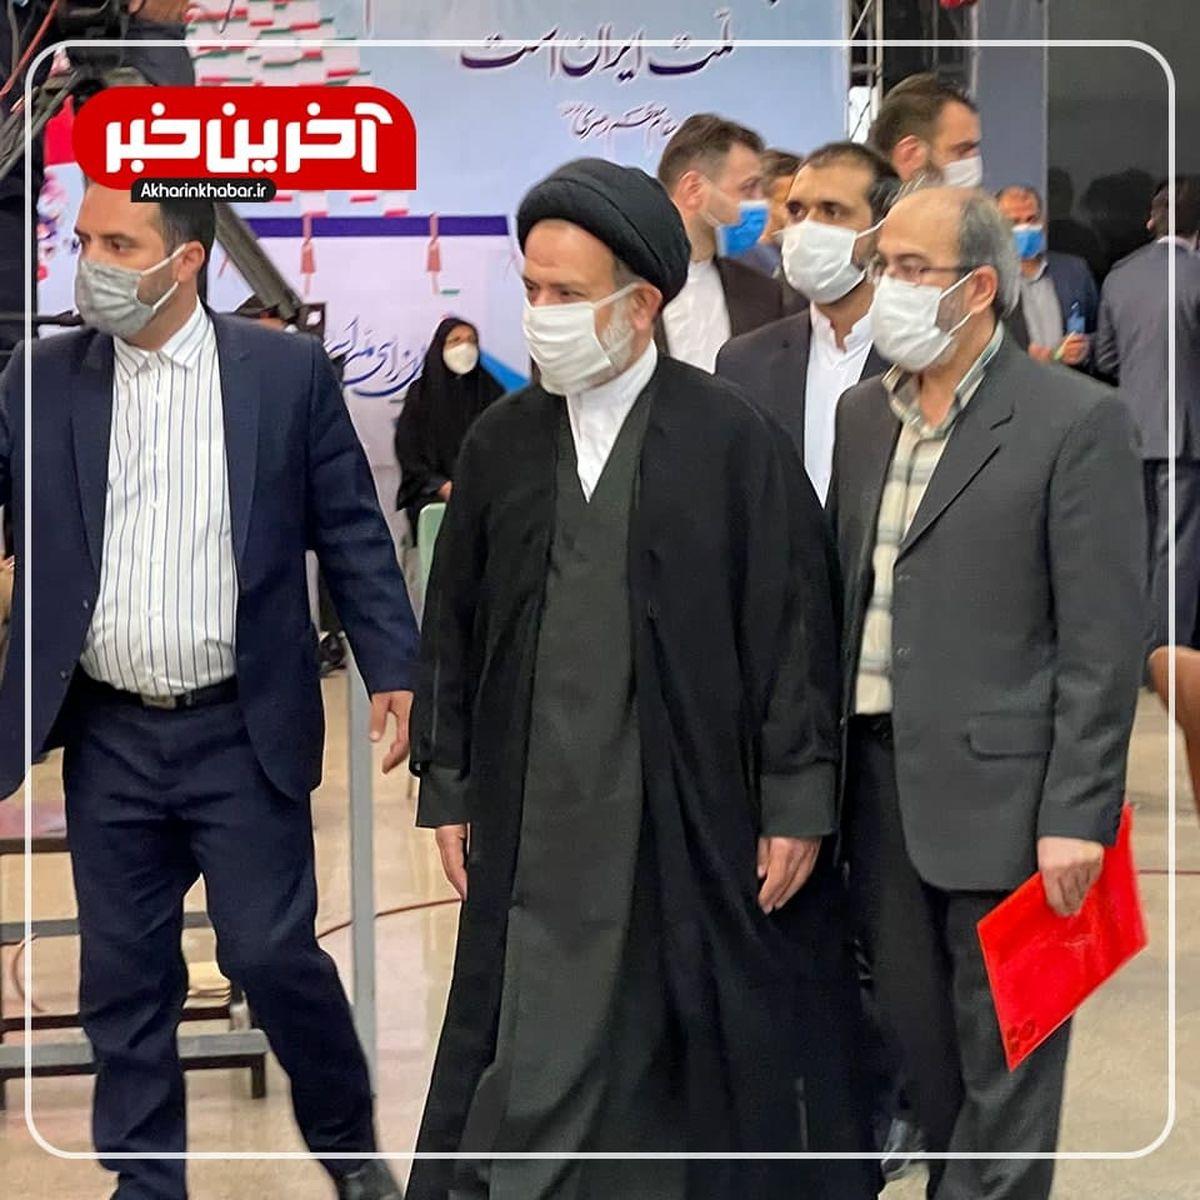 حرفهای احمدینژاد نشان میدهد با خودش درگیر است